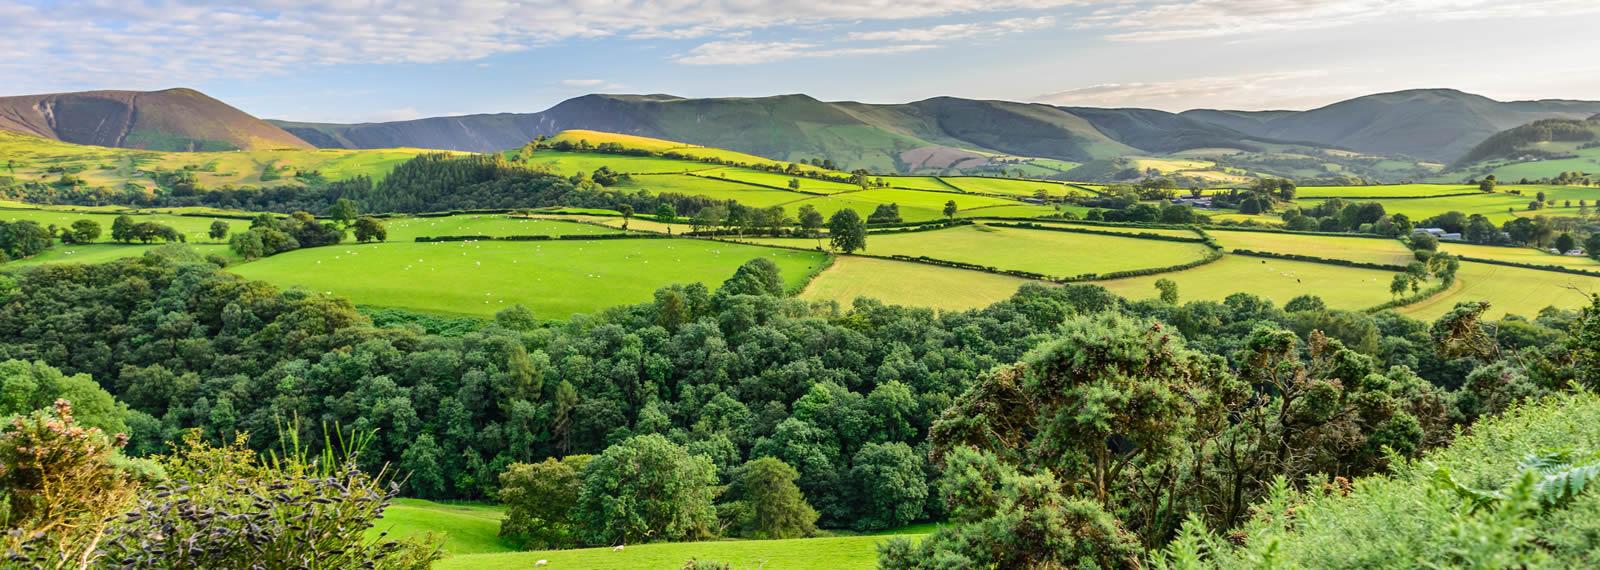 Denbigh, Wales